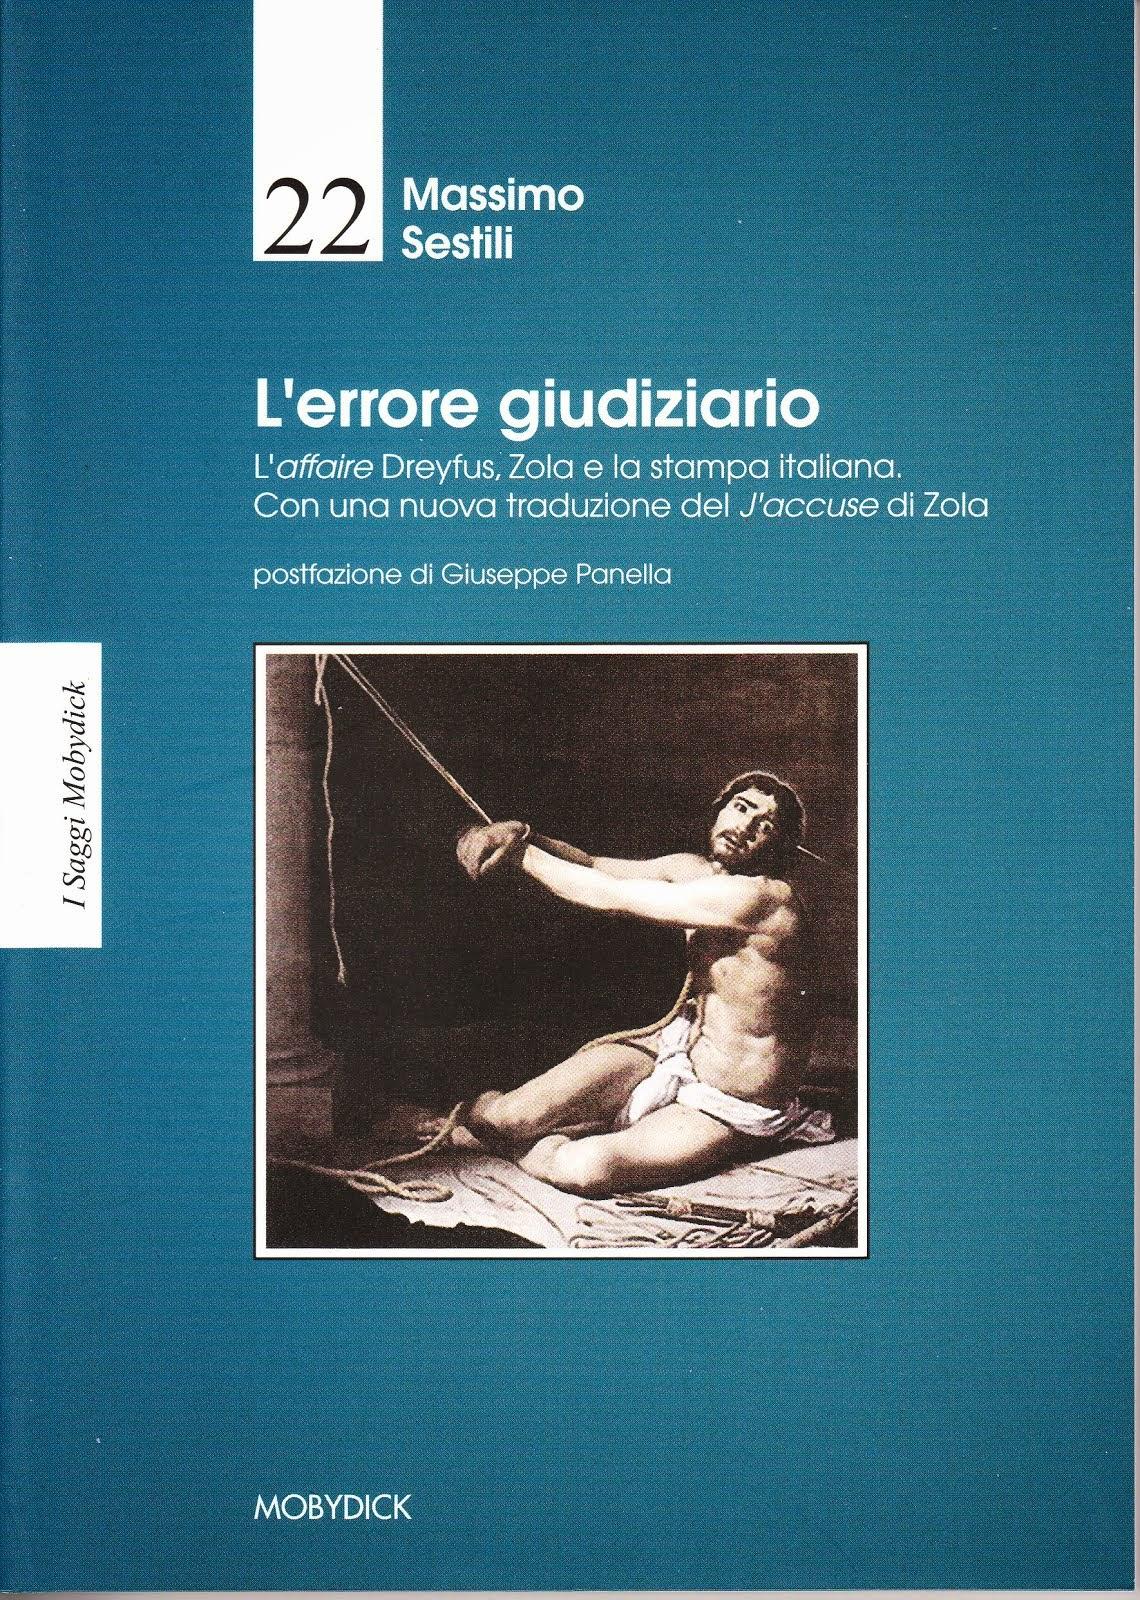 Massimo Sestili, L'errore giudiziario, Mobydick